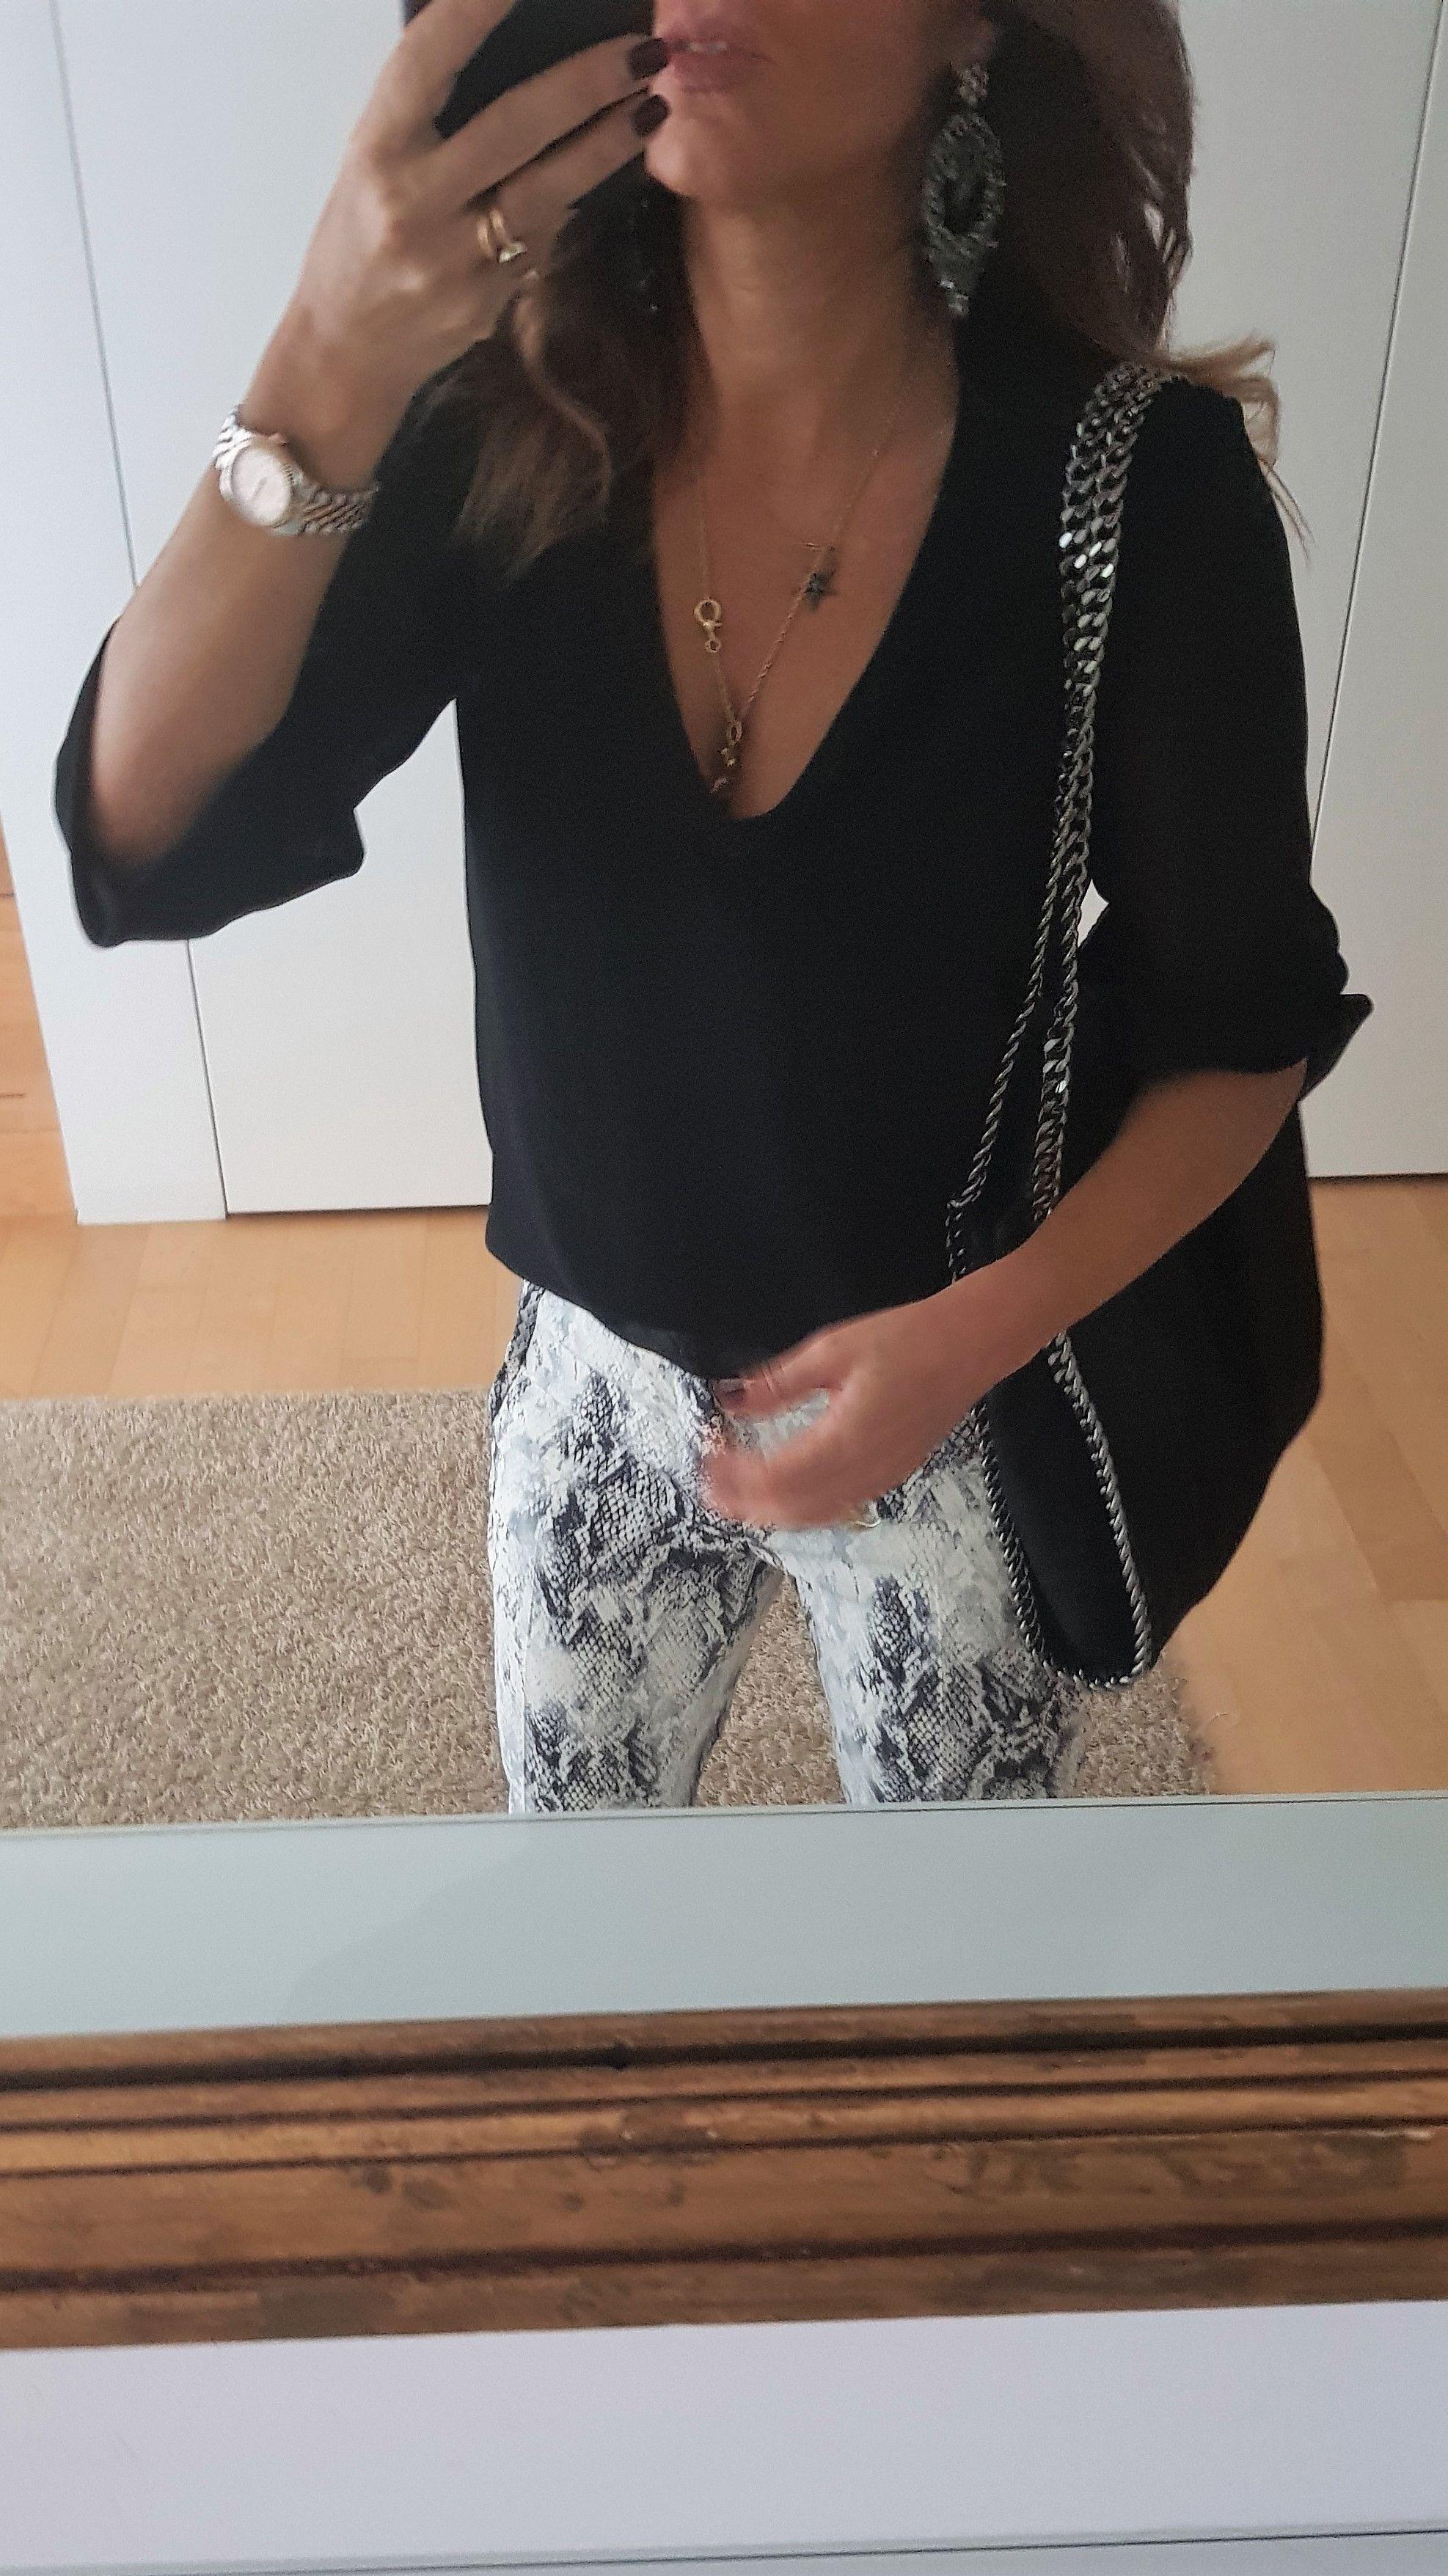 Cerca questo Pin e molto altro su Abbigliamento di Isabella Soldà. Black  and snake print style - look nero e pitonato  outfit completo e tante altre 110e3ffe0d2